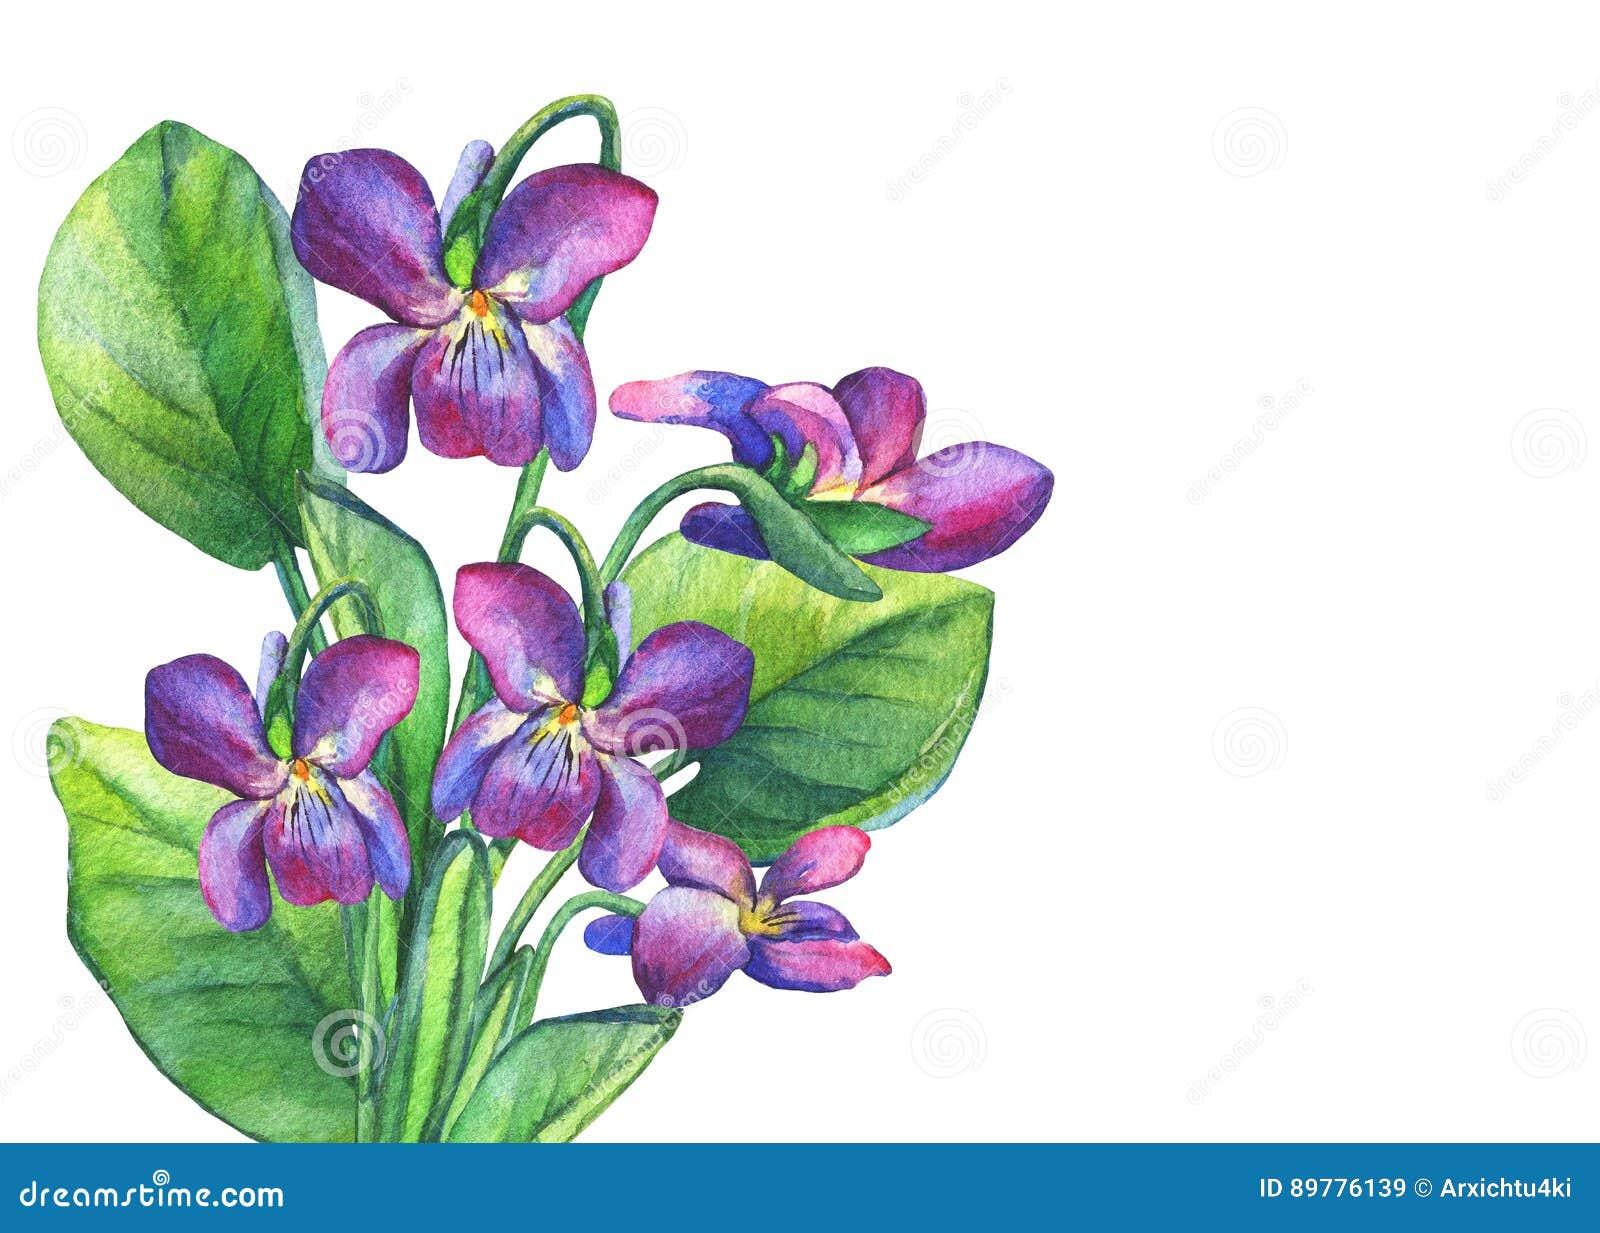 Colorful spring flowers fragrant violets english sweet violets colorful spring flowers fragrant violets english sweet violets viola odorata mightylinksfo